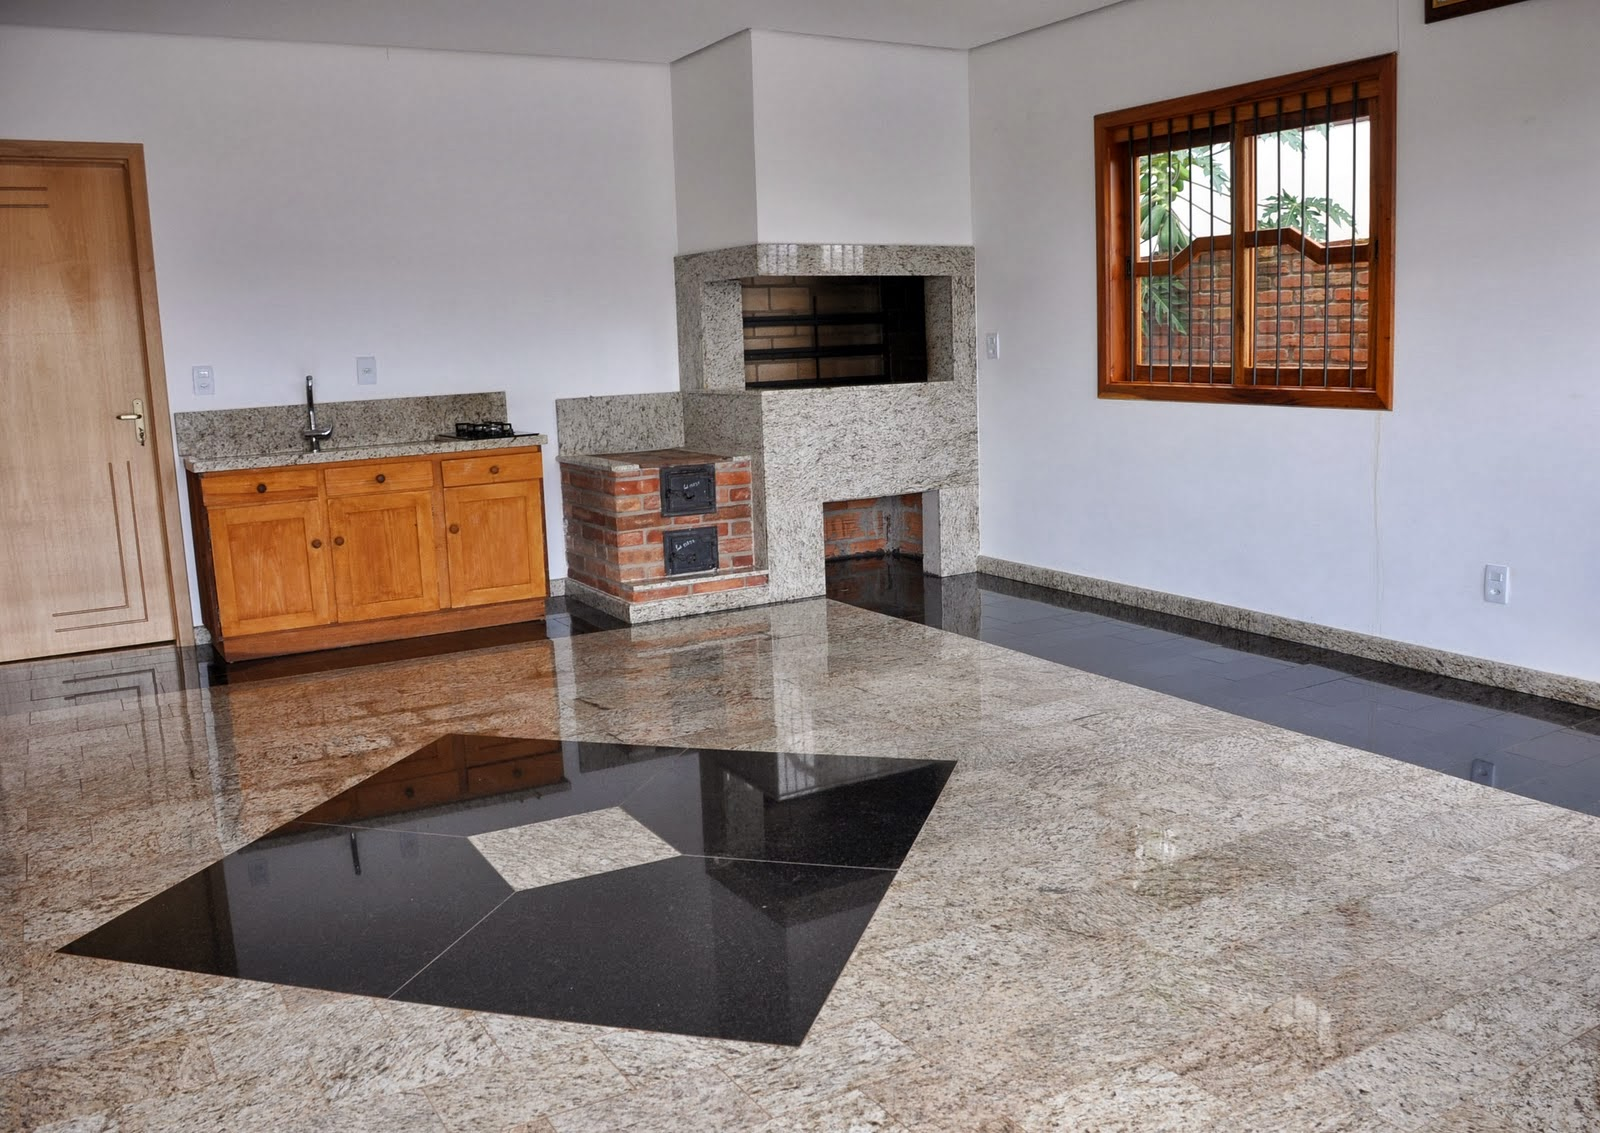 PÓLO MÁRMORES BRASIL (RIBEIRÃO PRETO SÃO PAULO E RIO DE JANEIRO) #A45D27 1600x1133 Banheiro Com Granito Ornamental